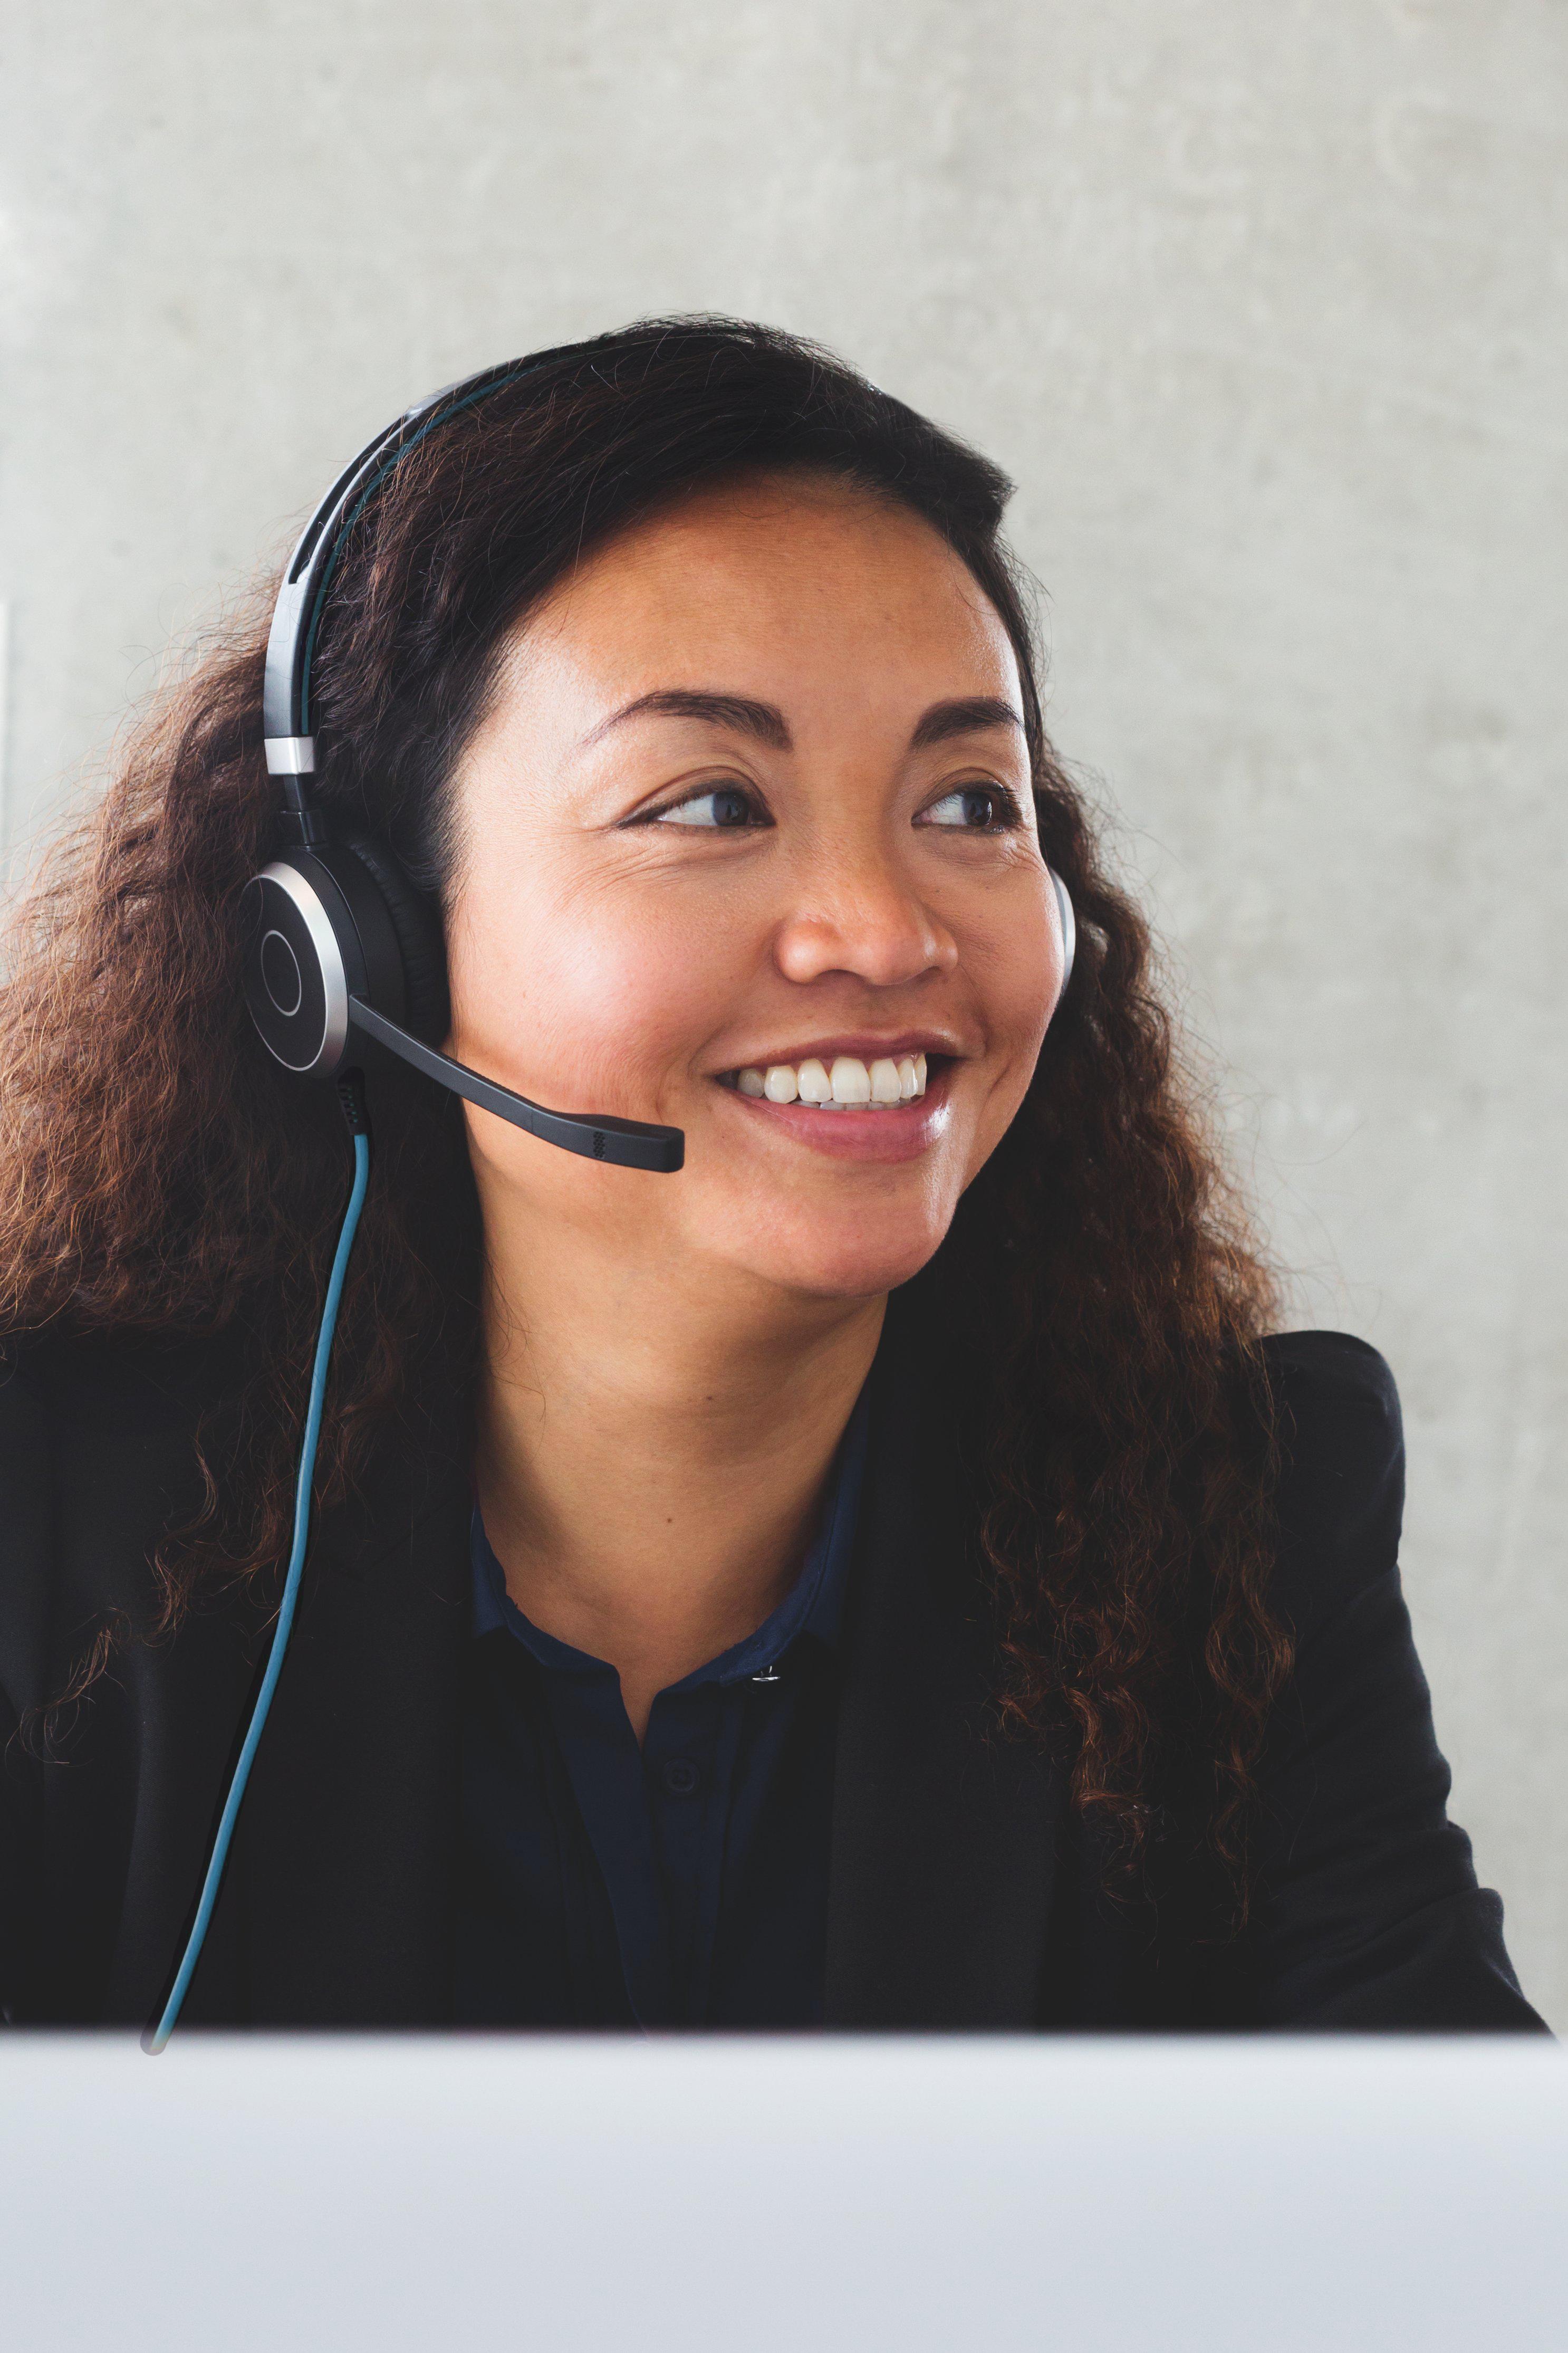 Female consultor smiles